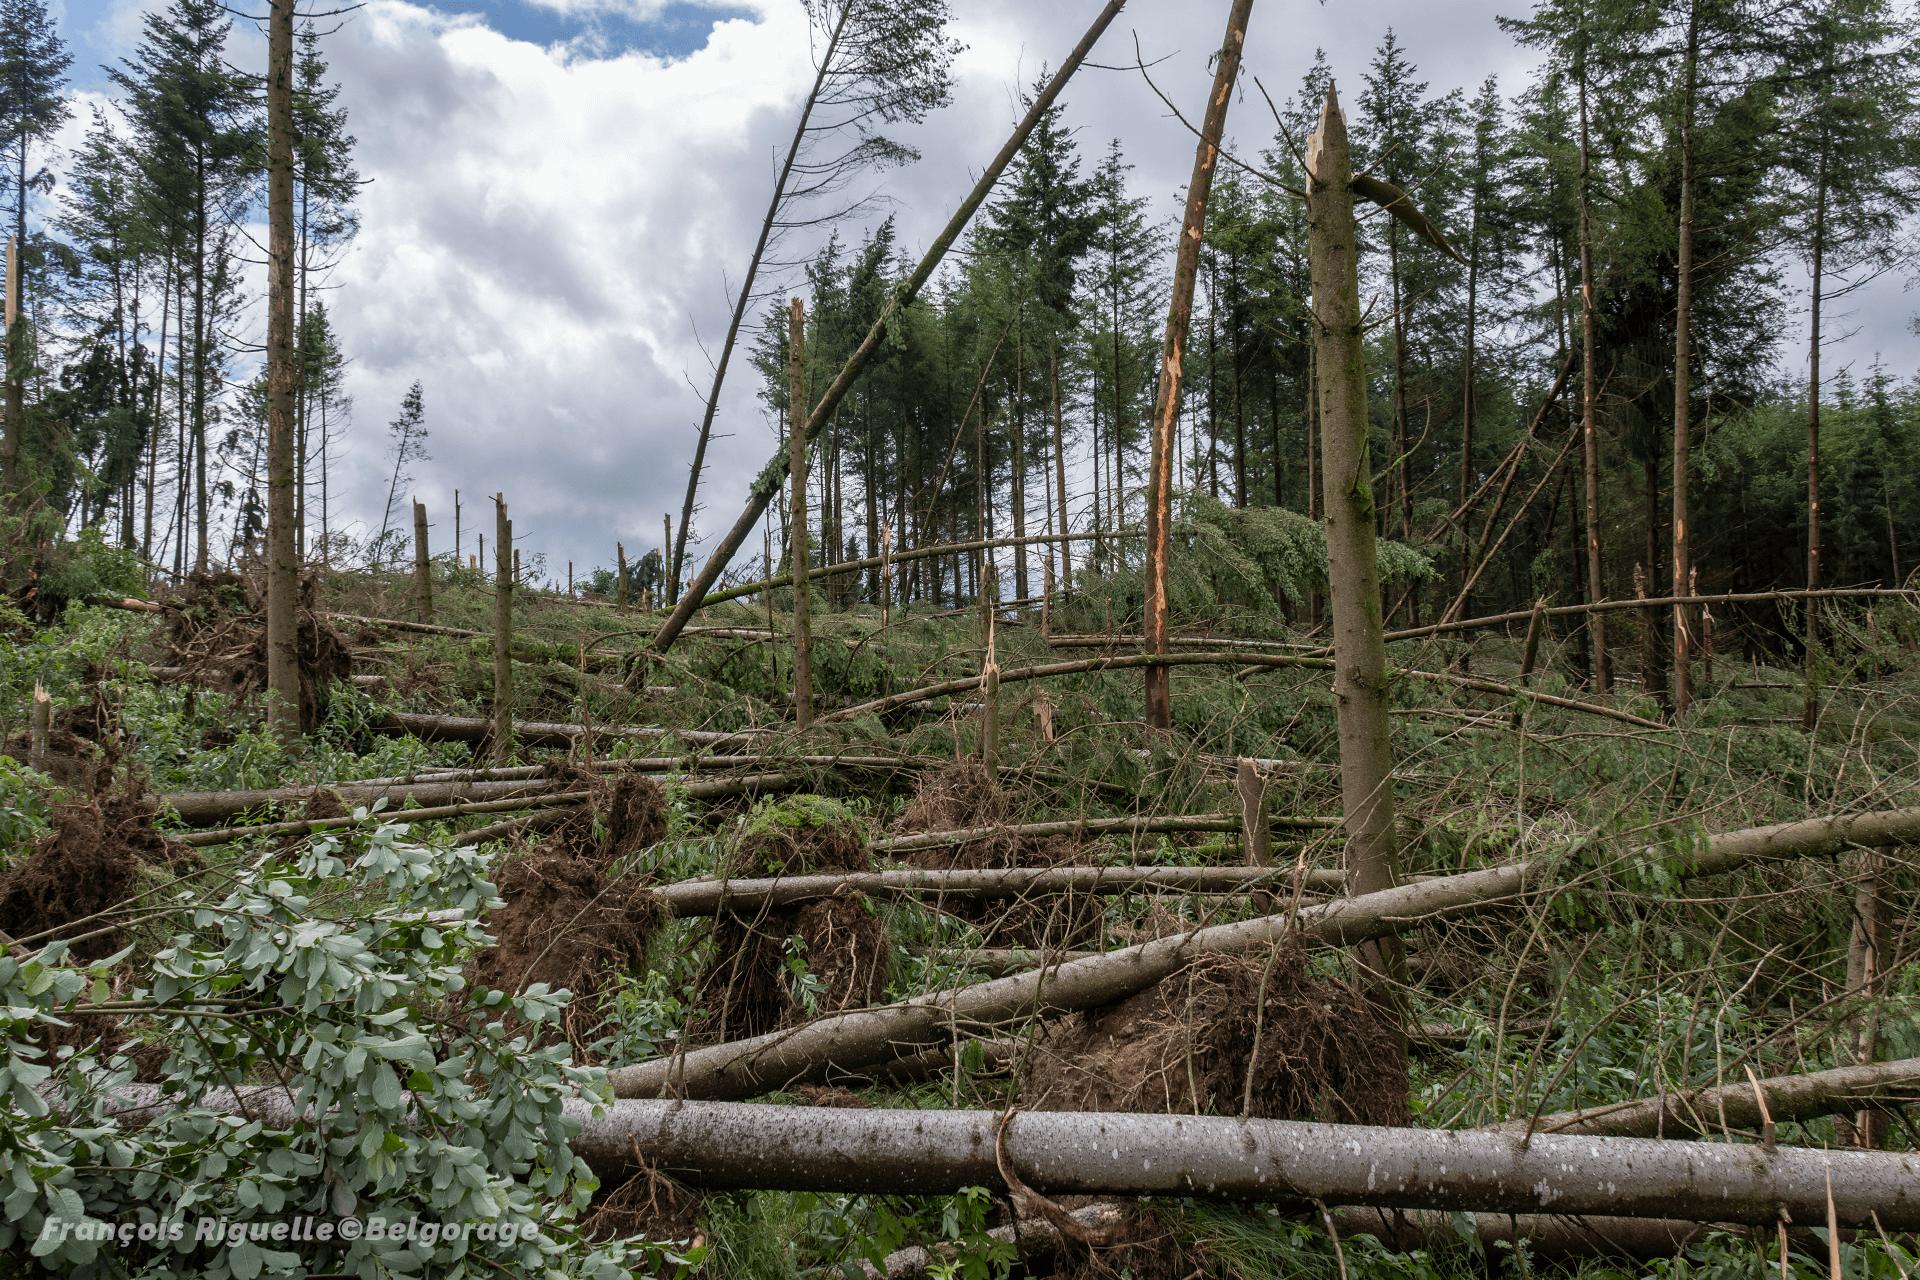 Parcelle forestière de résineux ravagée près du village de Cetturu, en province de Liège, après le passage de la tornade du 27 juin 2021.